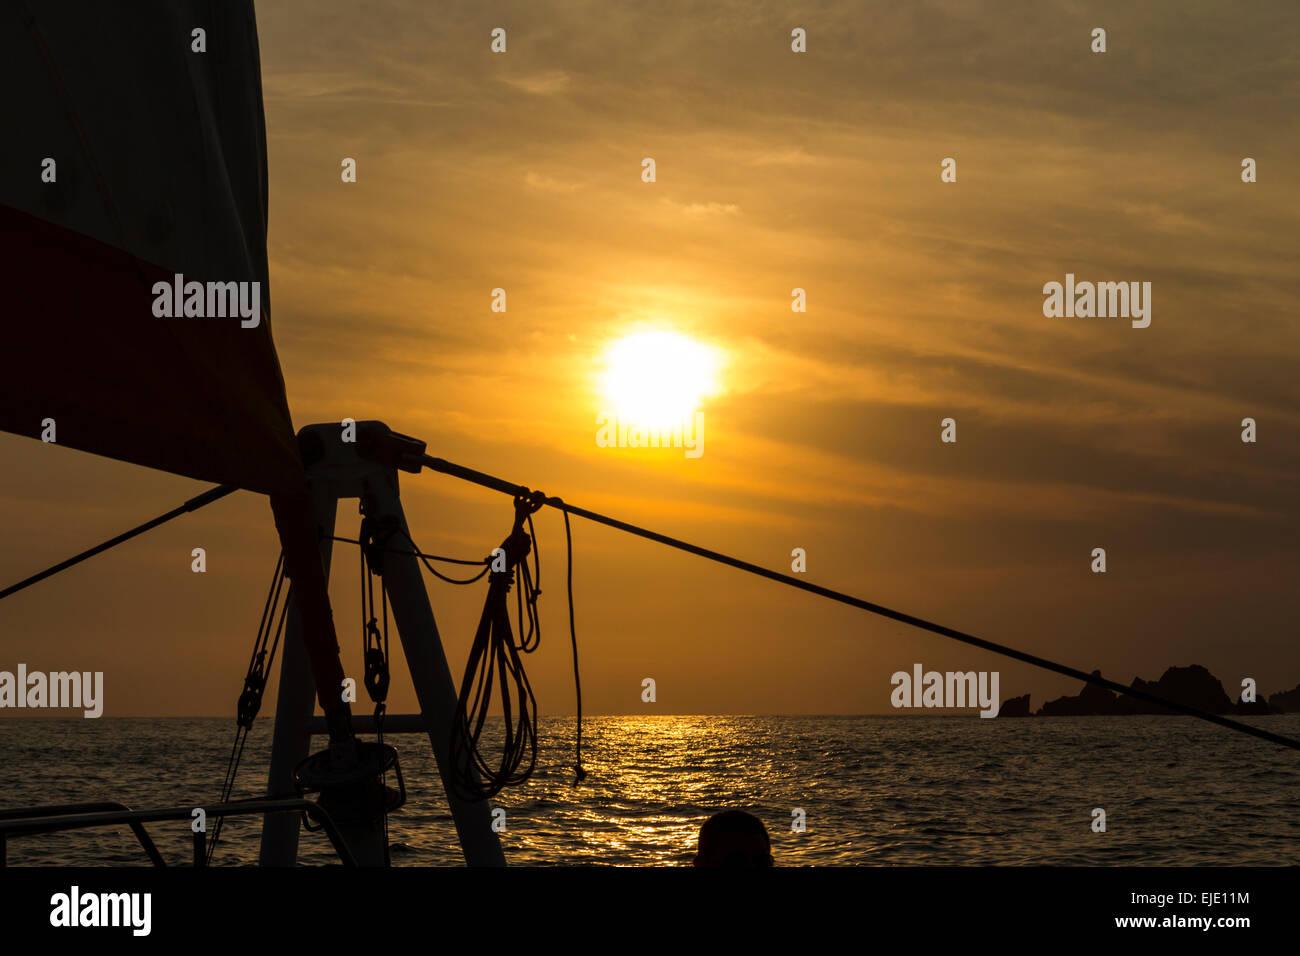 Takelagen das Segelboot Silhouette gegen die untergehende Sonne bei Ixtapa Mexico. Stockbild